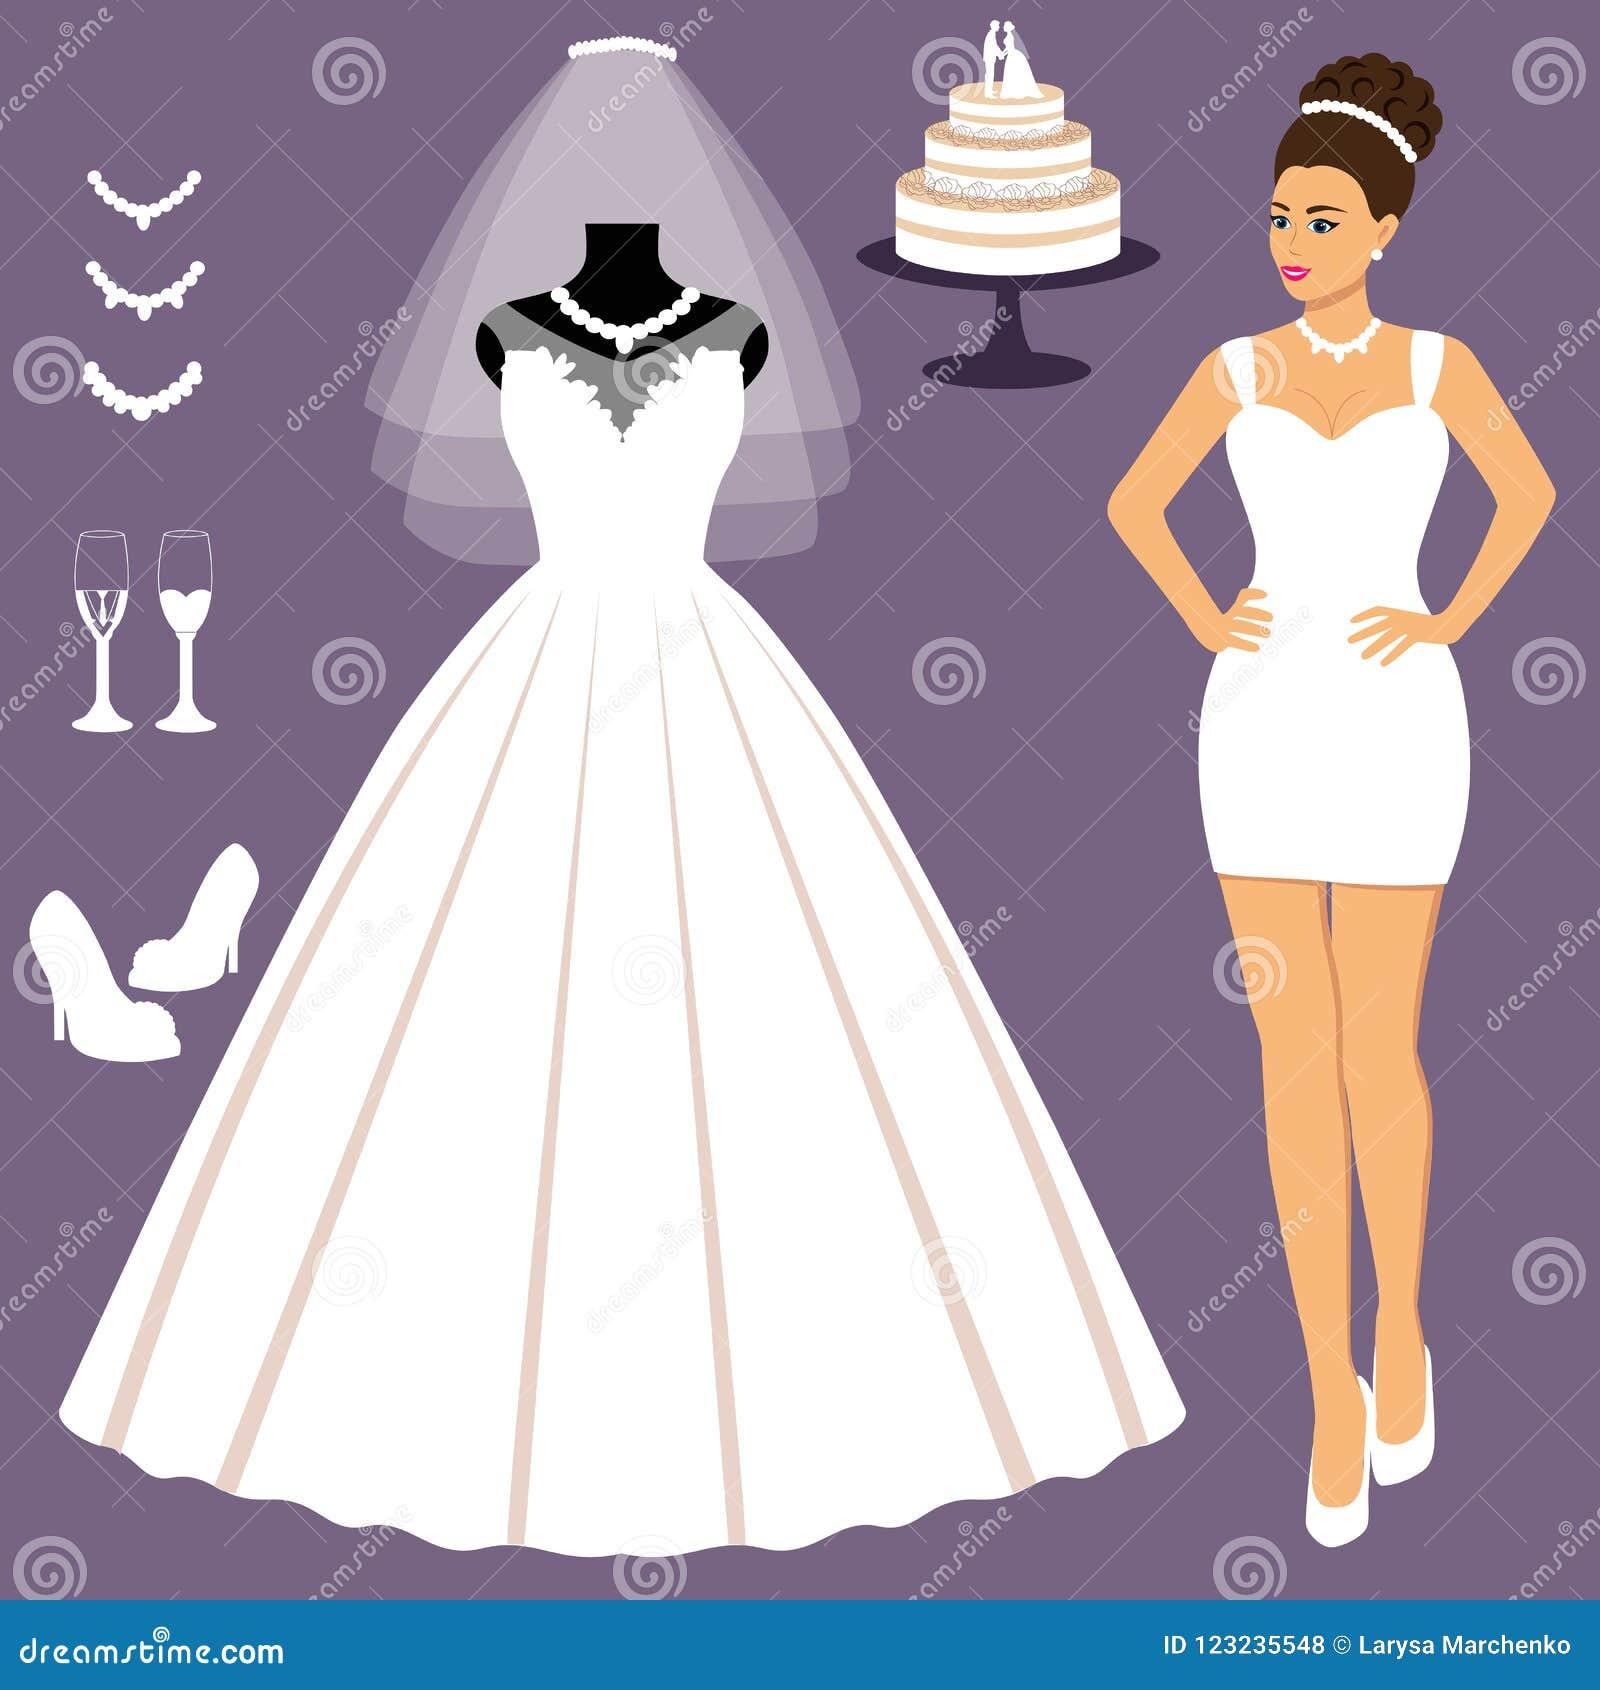 Un Sistema De Vestidos De Boda La Opción Ropa Para La Novia